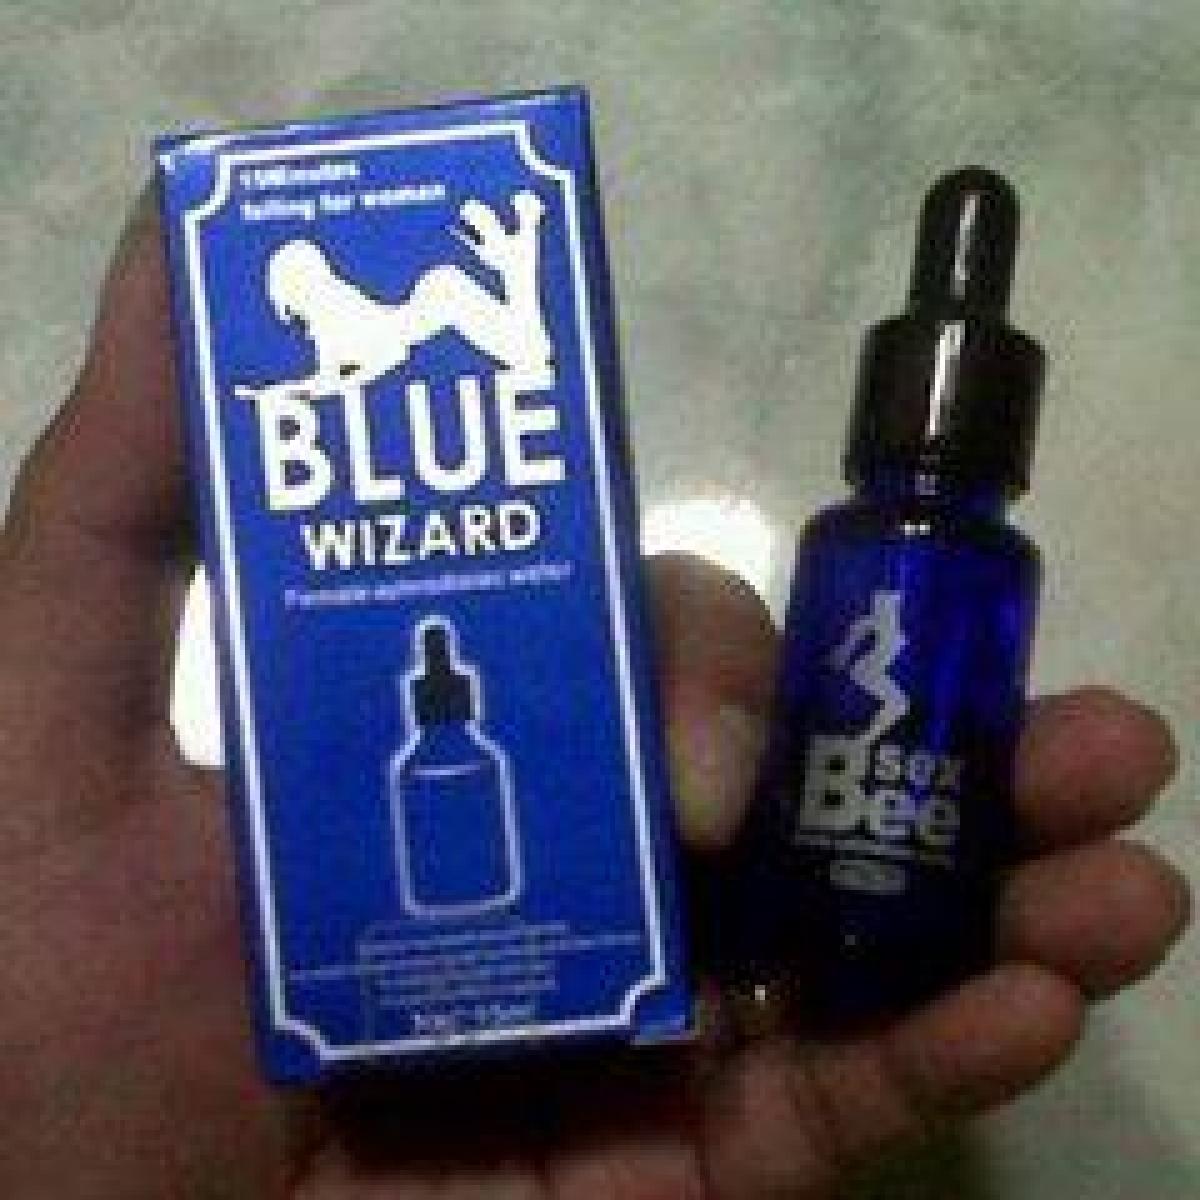 jual obat perangsang wanita top blue wizard siagara sengli